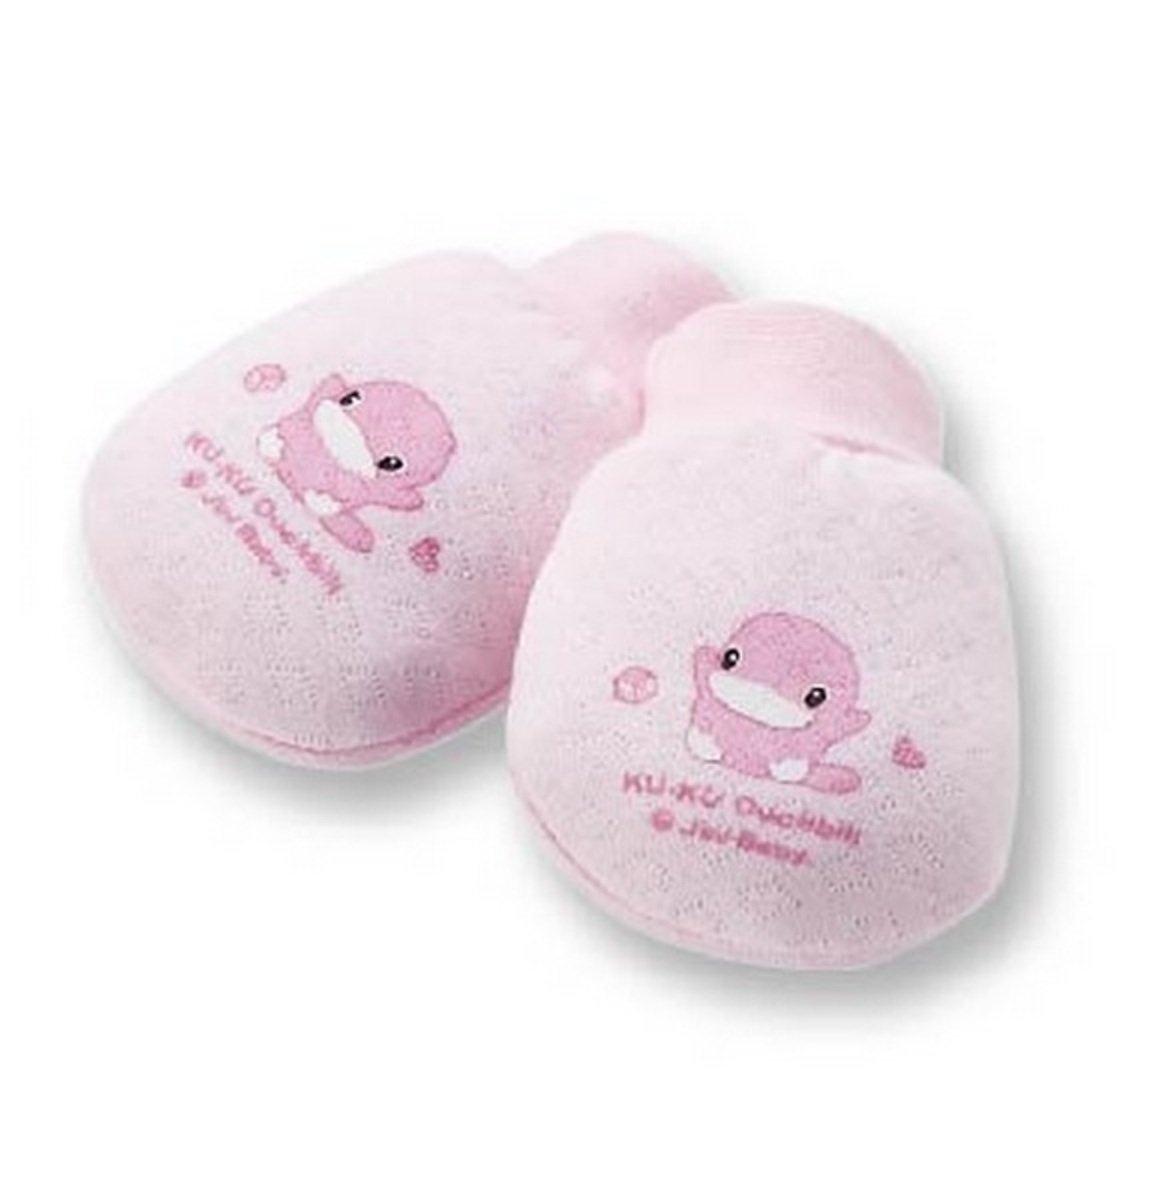 保暖束口護手套-1雙入 (粉紅色)